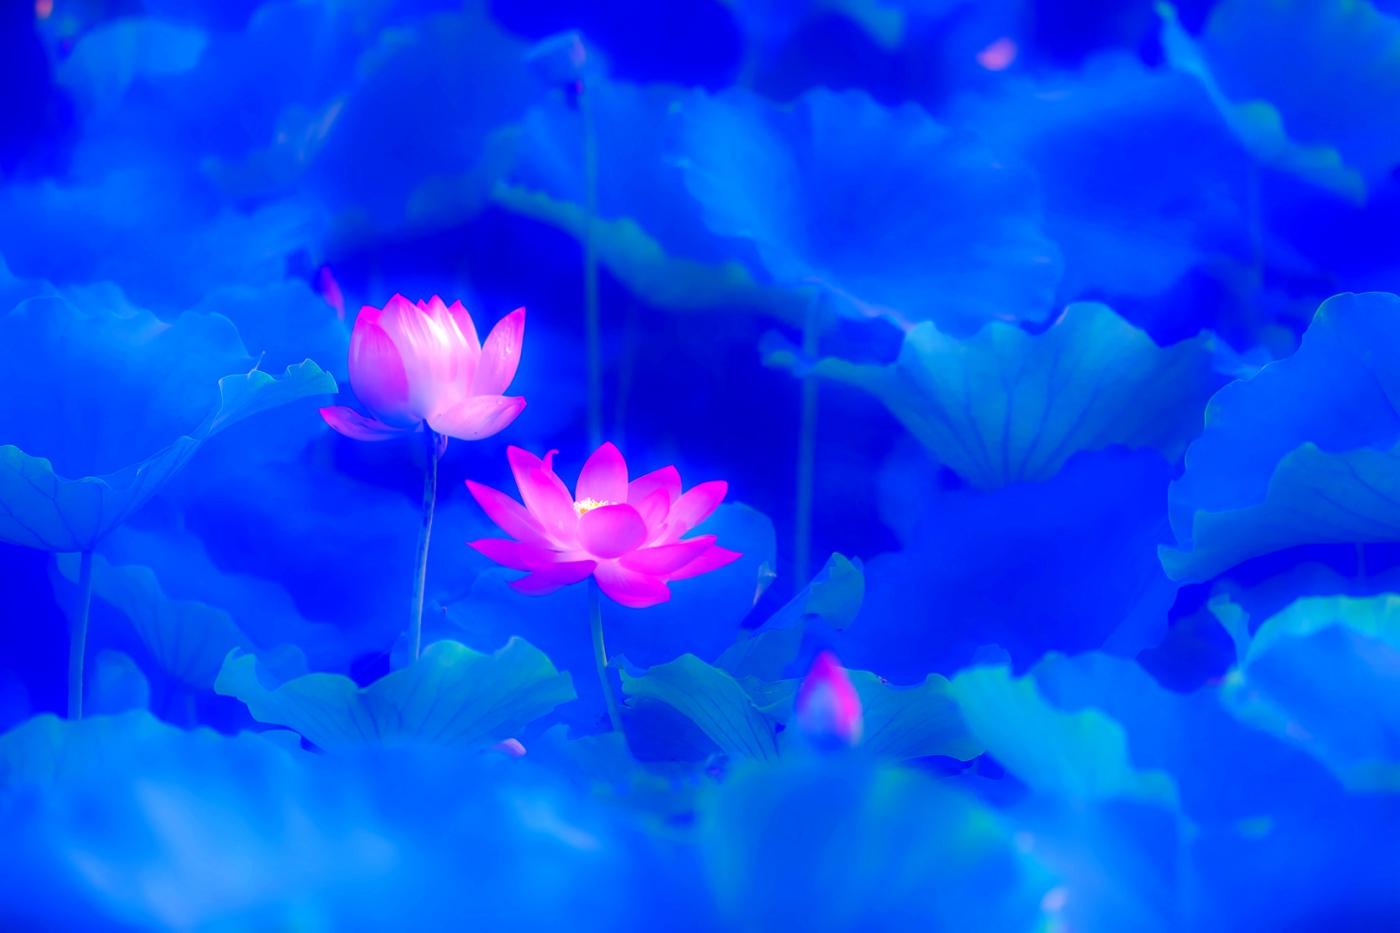 尝试用多重曝光拍摄拍摄湿地红荷_图1-5